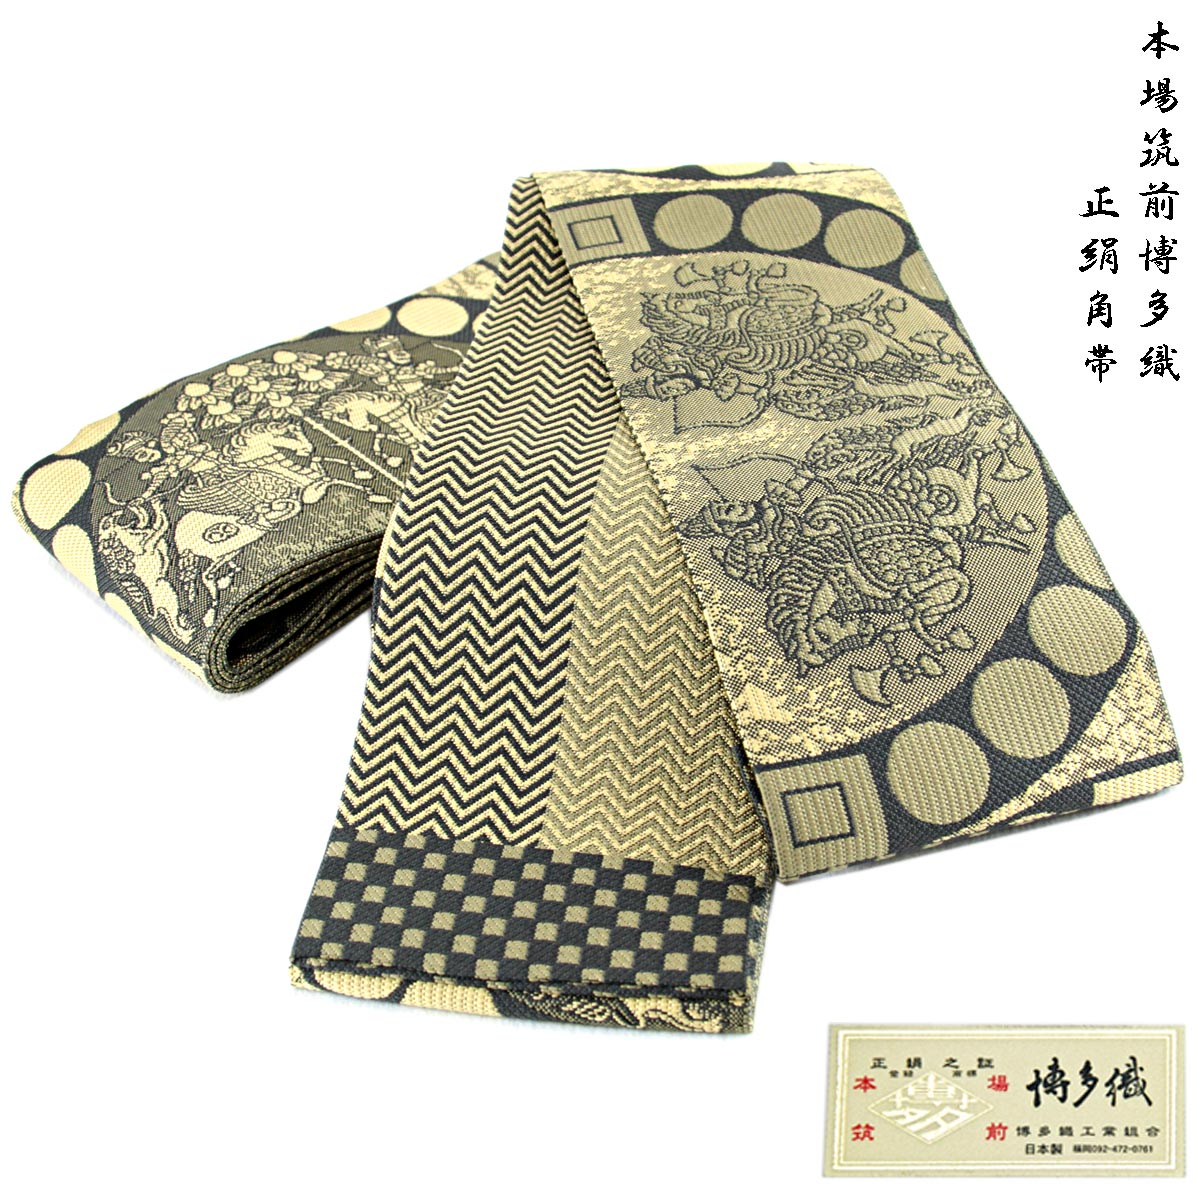 角帯 正絹 -22- 男儀 長尺 博多織 絹100% 黄金/騎馬武者